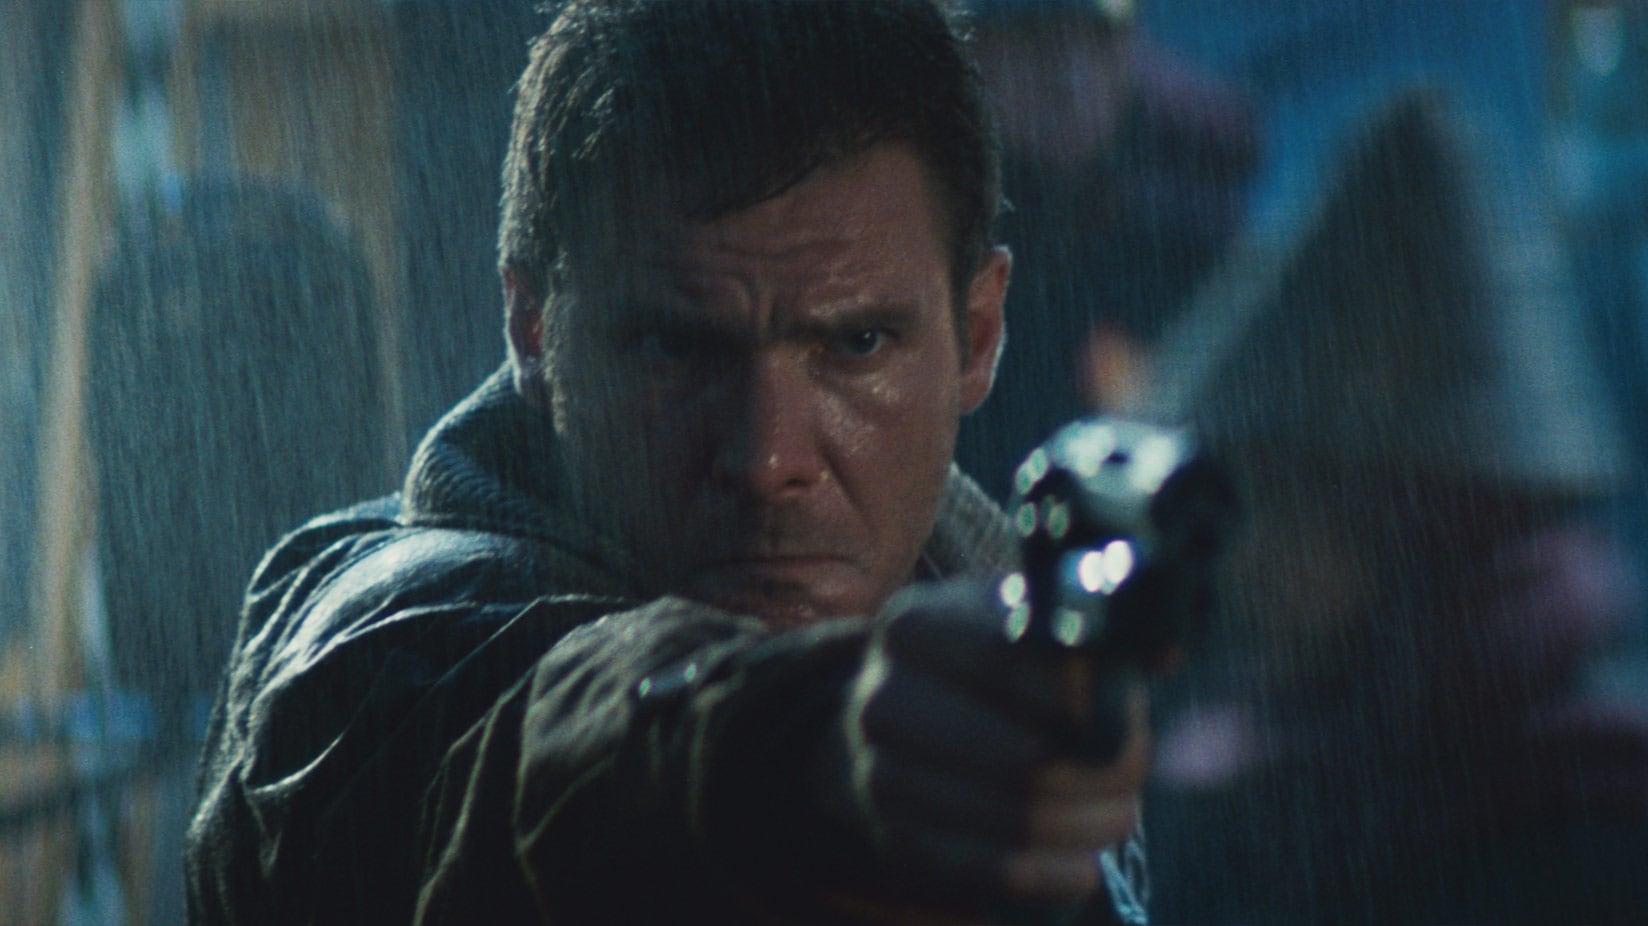 Blade Runner: The Final Cut (1982/2007)